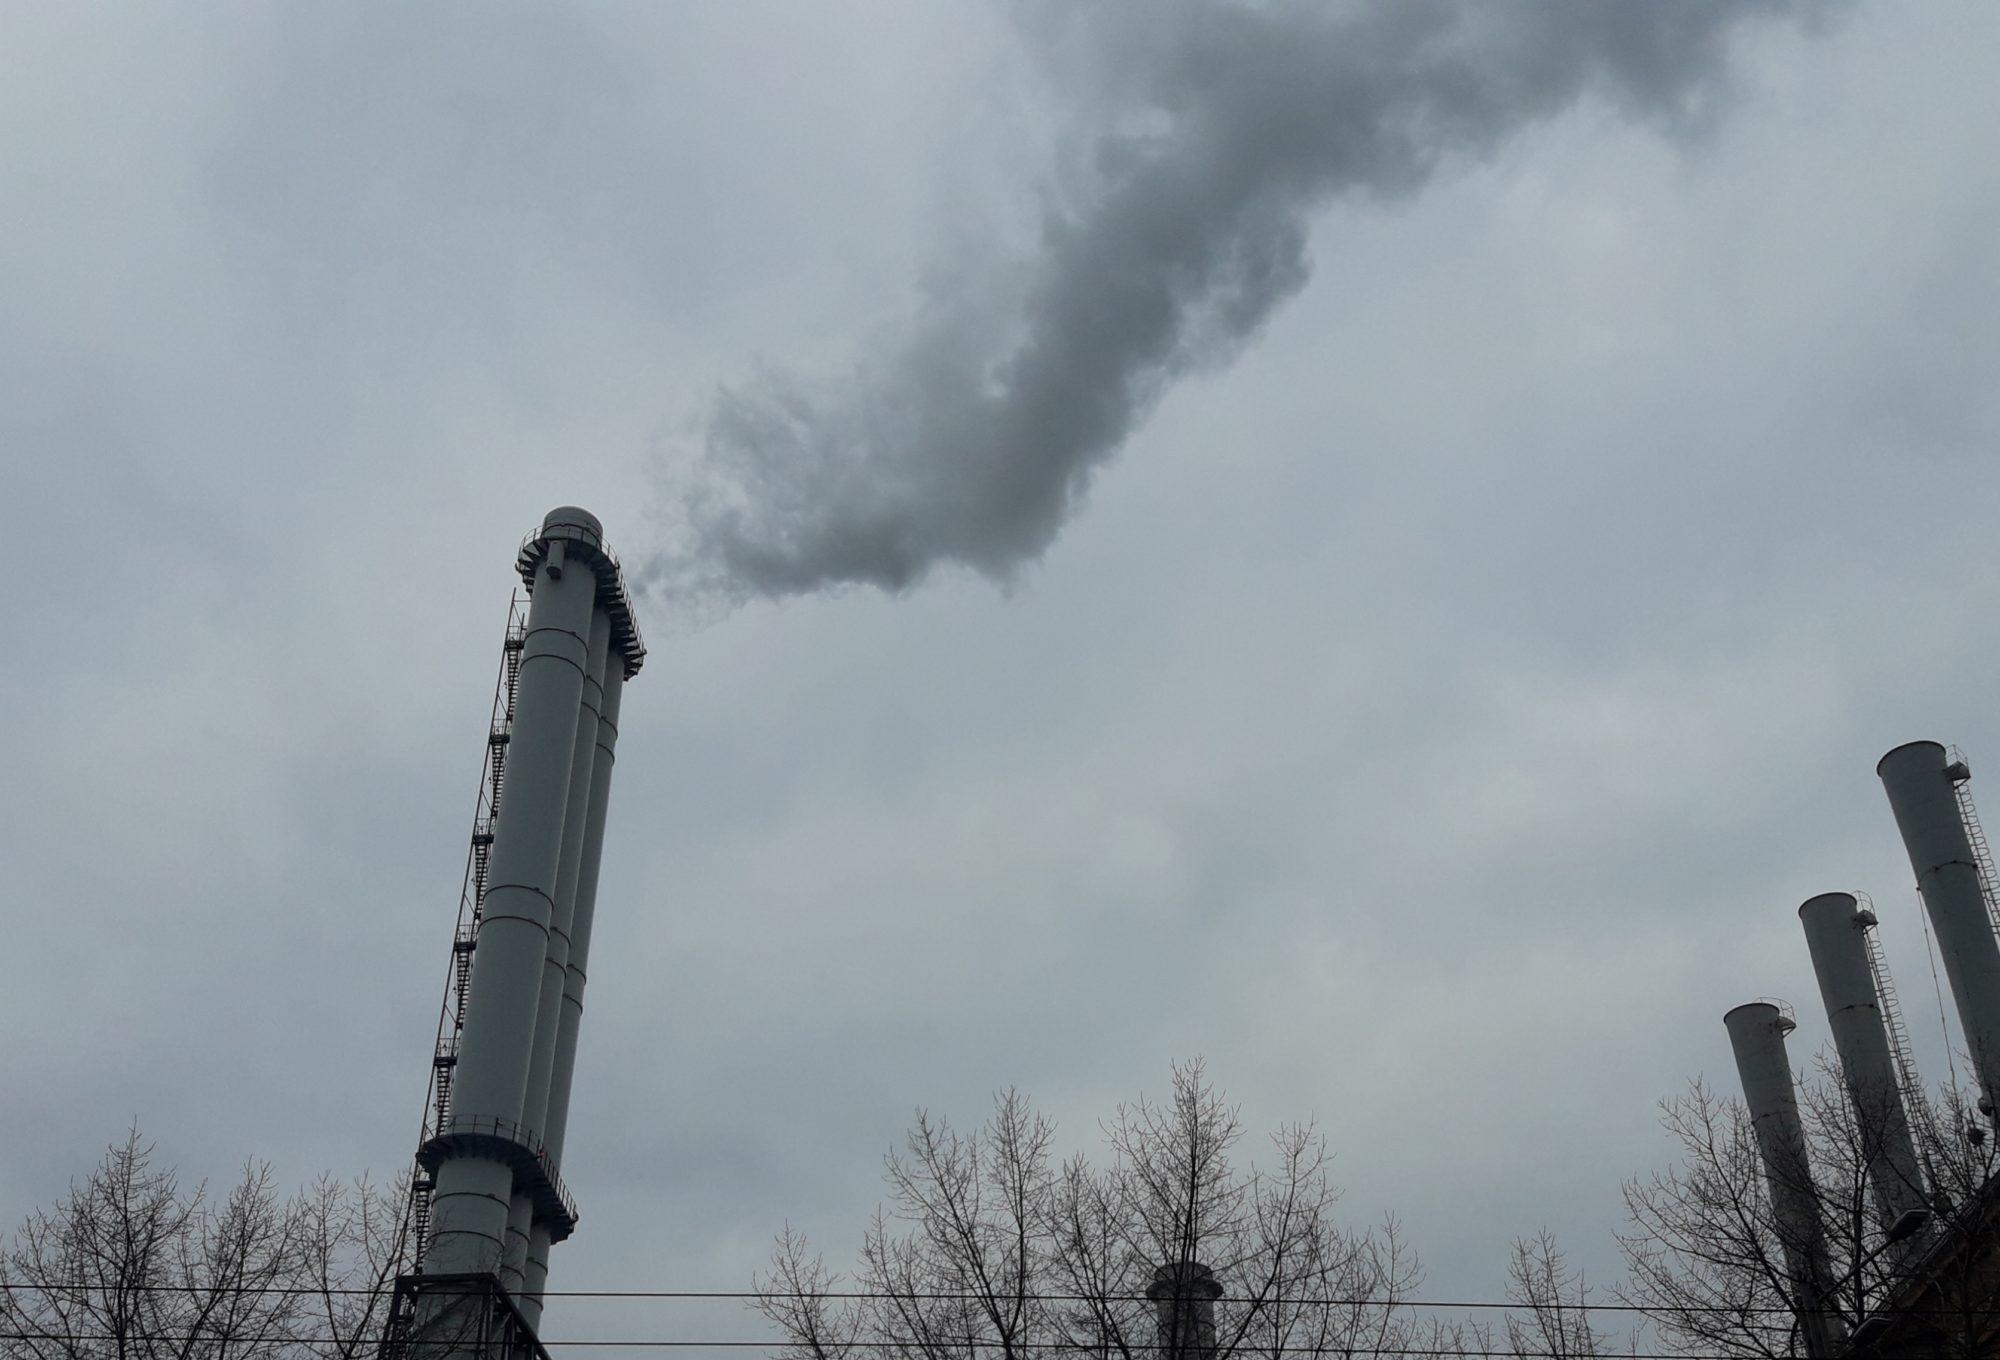 Шкідливі викиди: у Коцюбинському вимагають провести перевірку підприємств -  - 20200403 083951 2000x1360